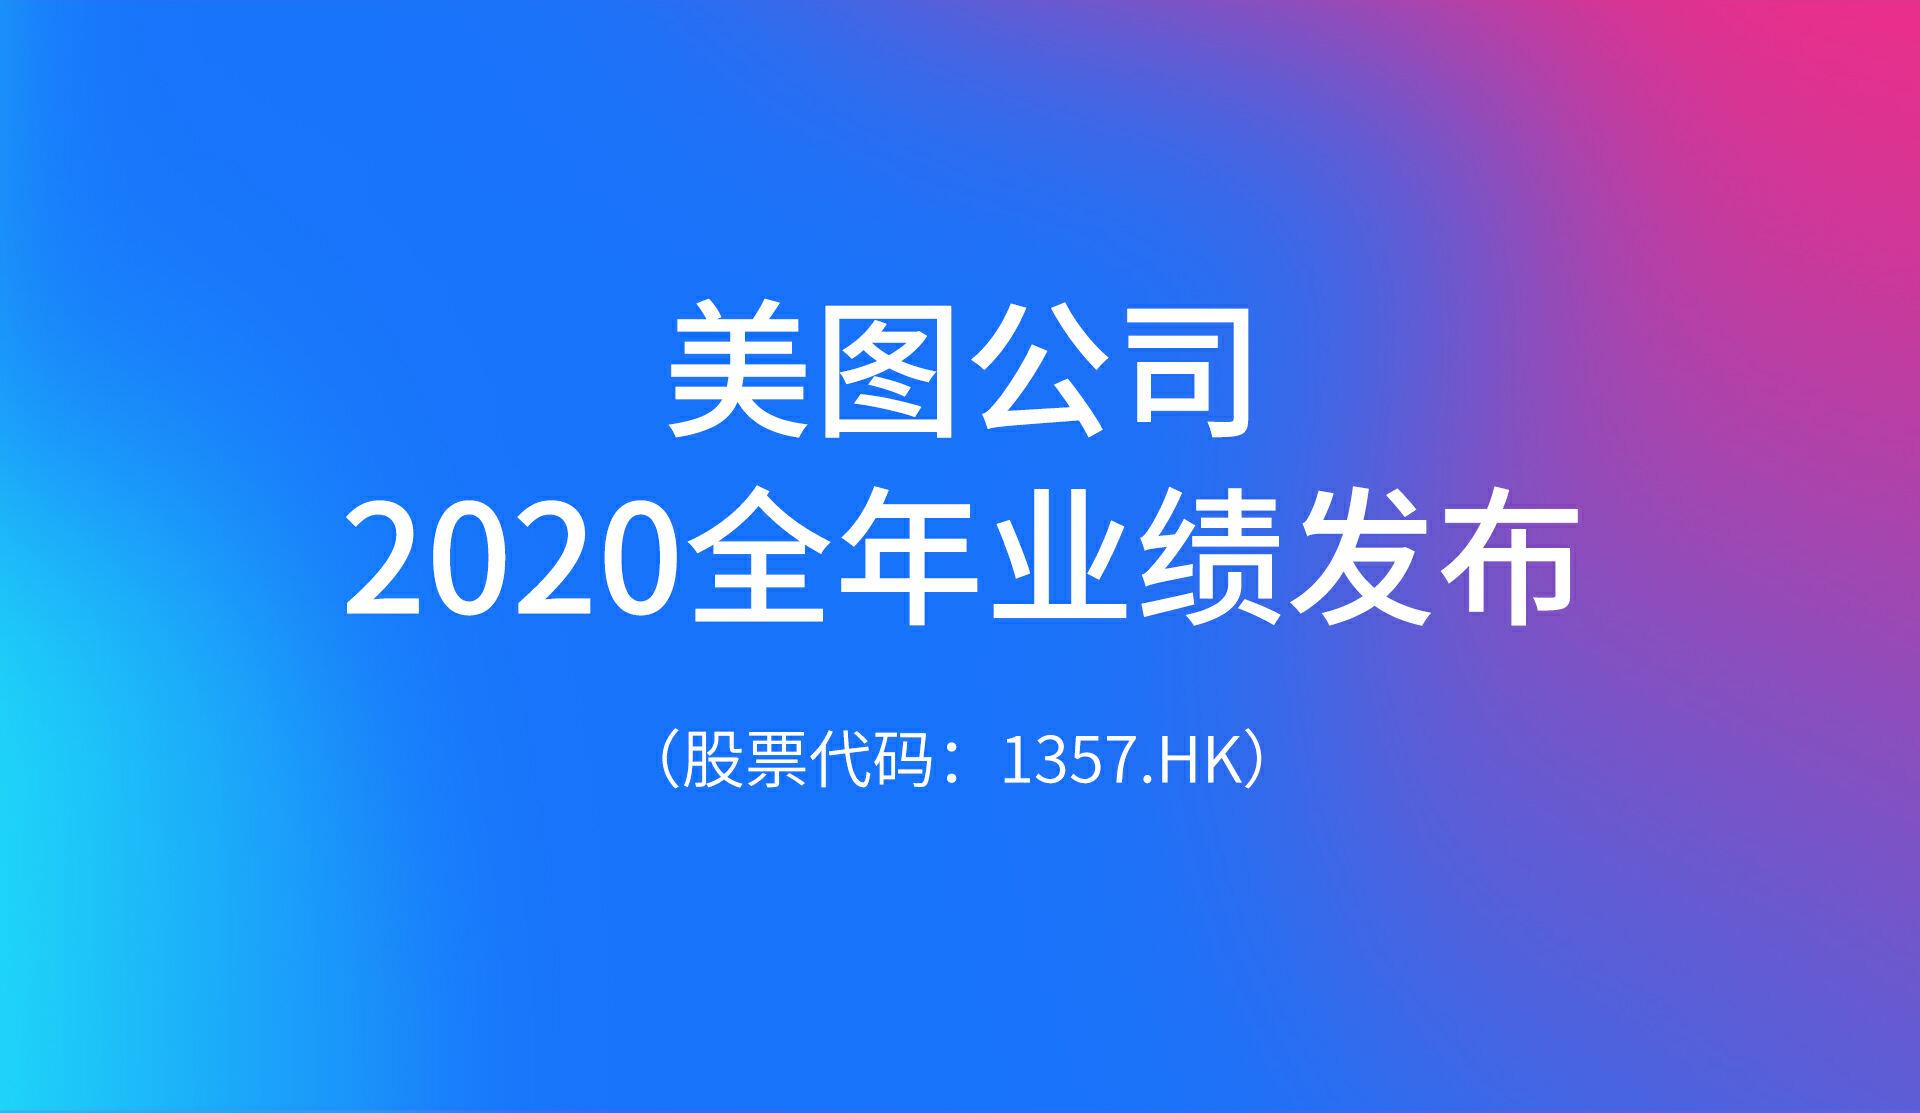 美图公司2020年全年业绩公布:首次全年盈利,净利润6090万元